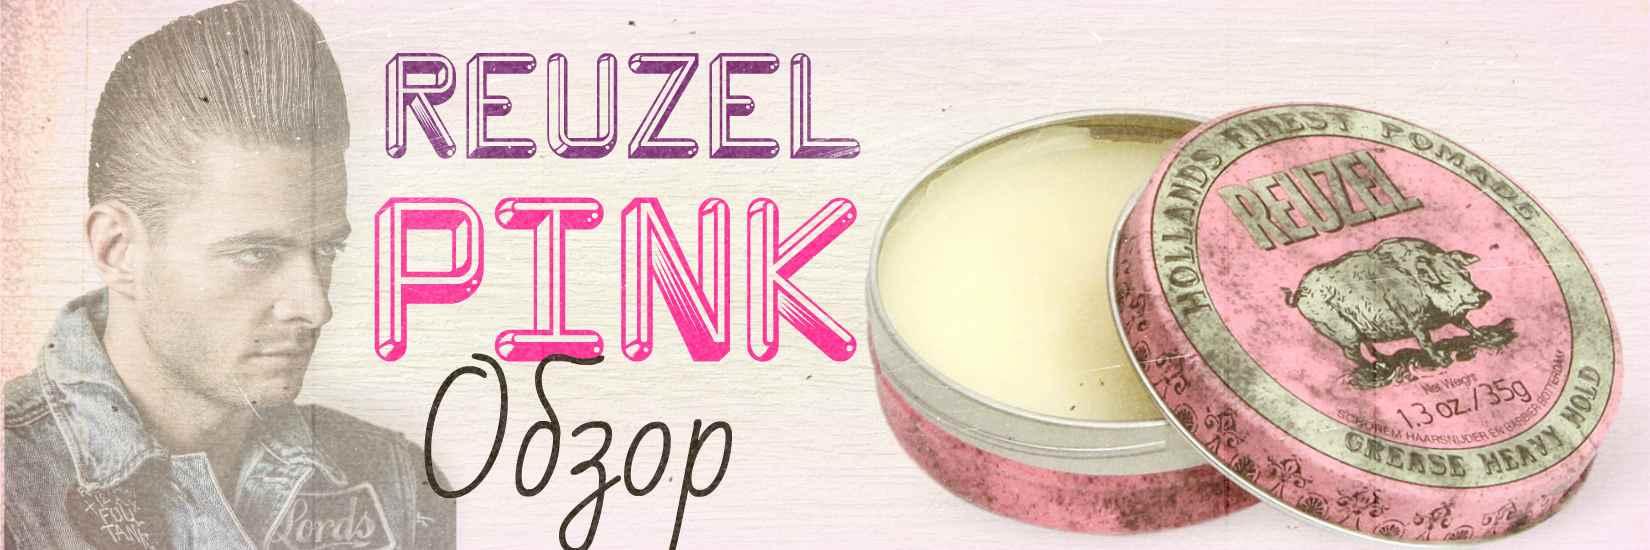 Обзор помады Reuzel Pink - масляная основа, сильная фиксация